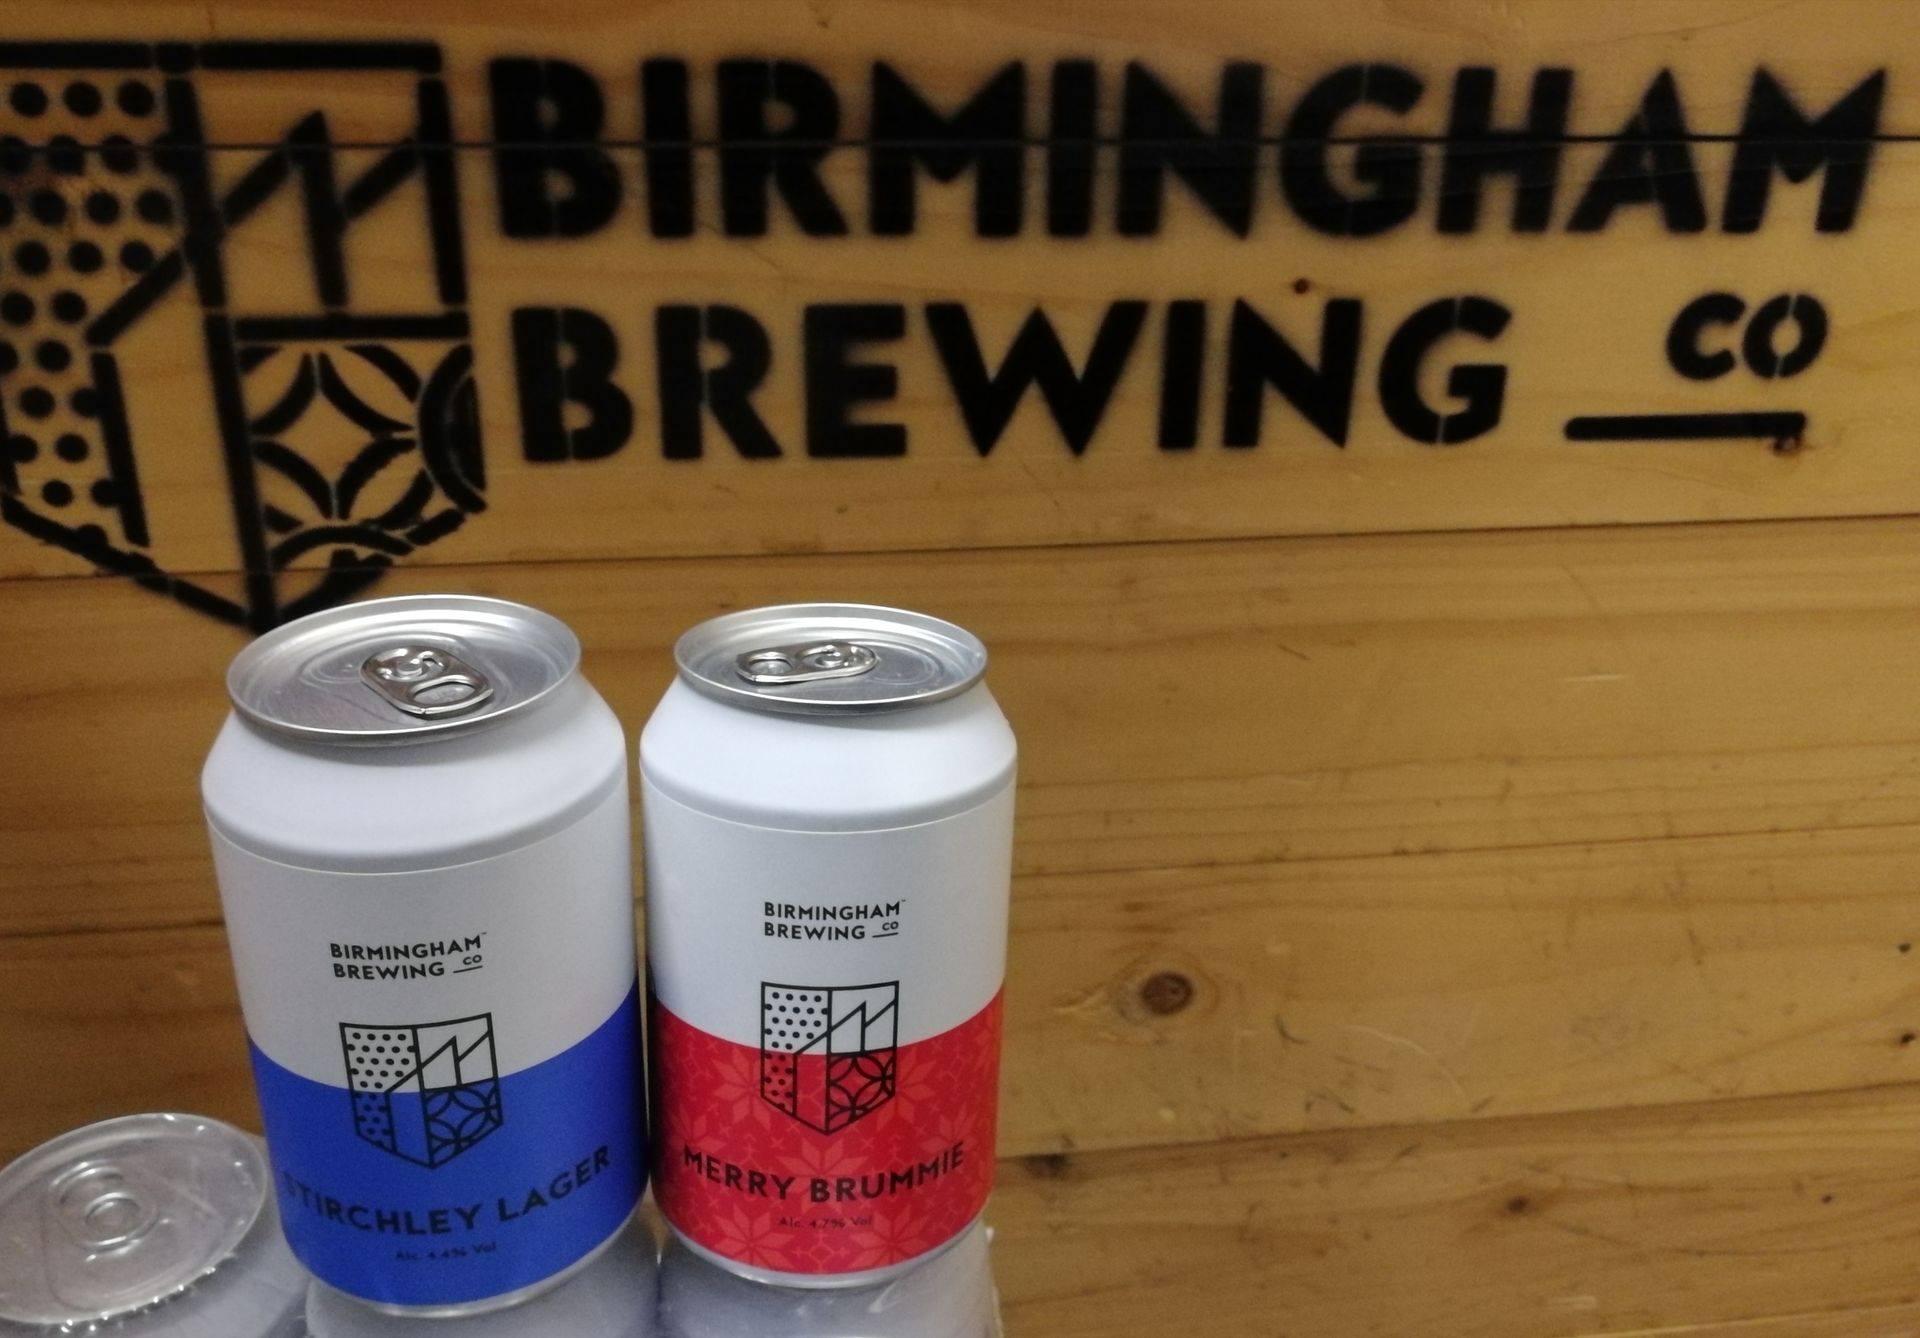 birmingham brewing co stirchley